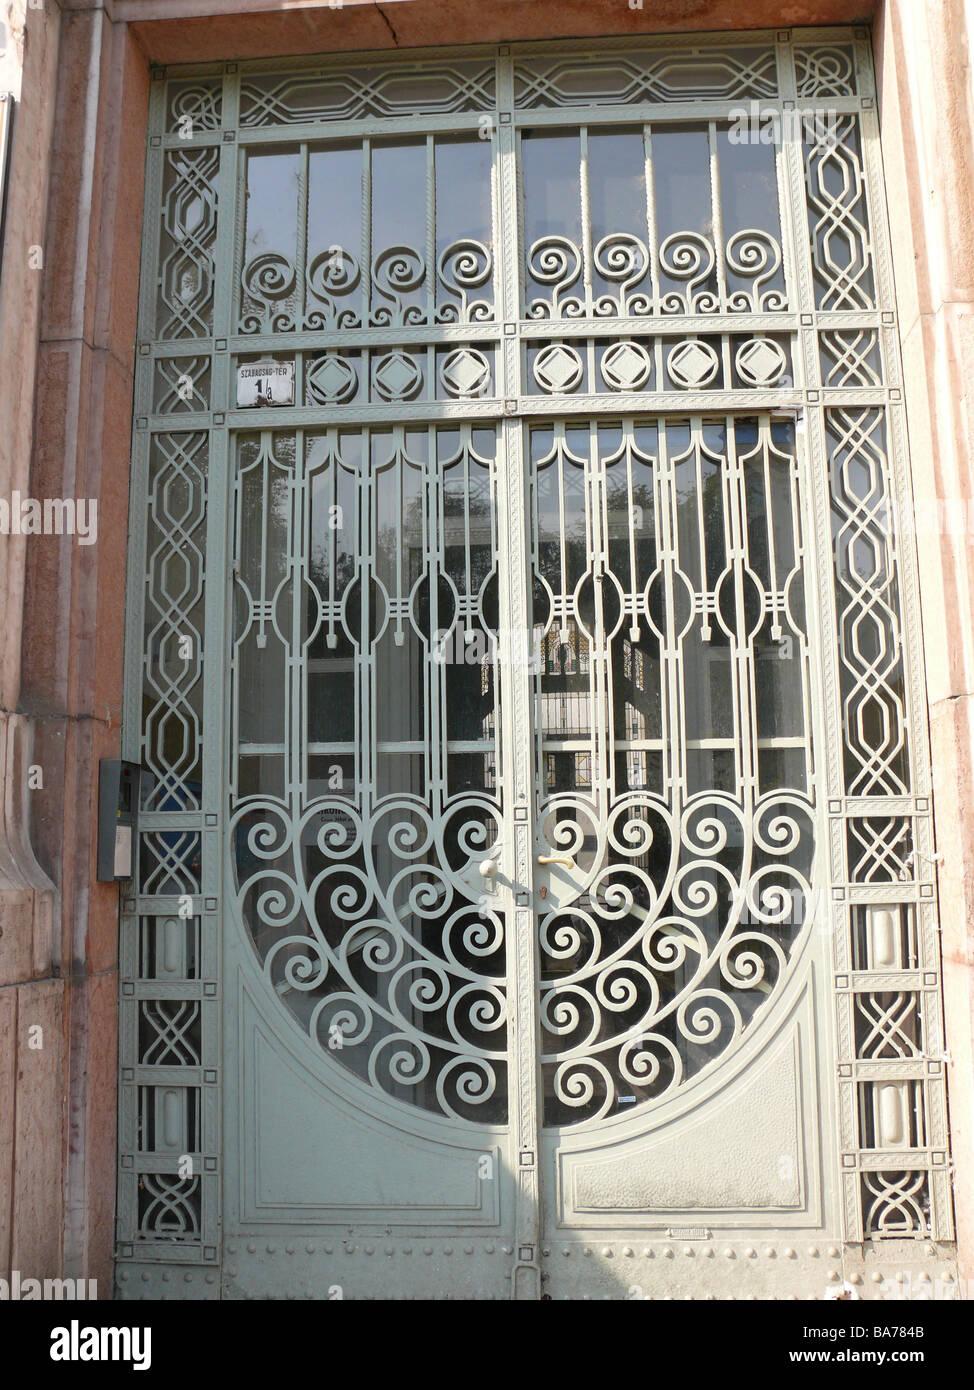 Cl tures la porte de la chambre d 39 immeubles de d tail porte d 39 entr e verrouill e pour cl tures - Model porte d entree fer forge ...